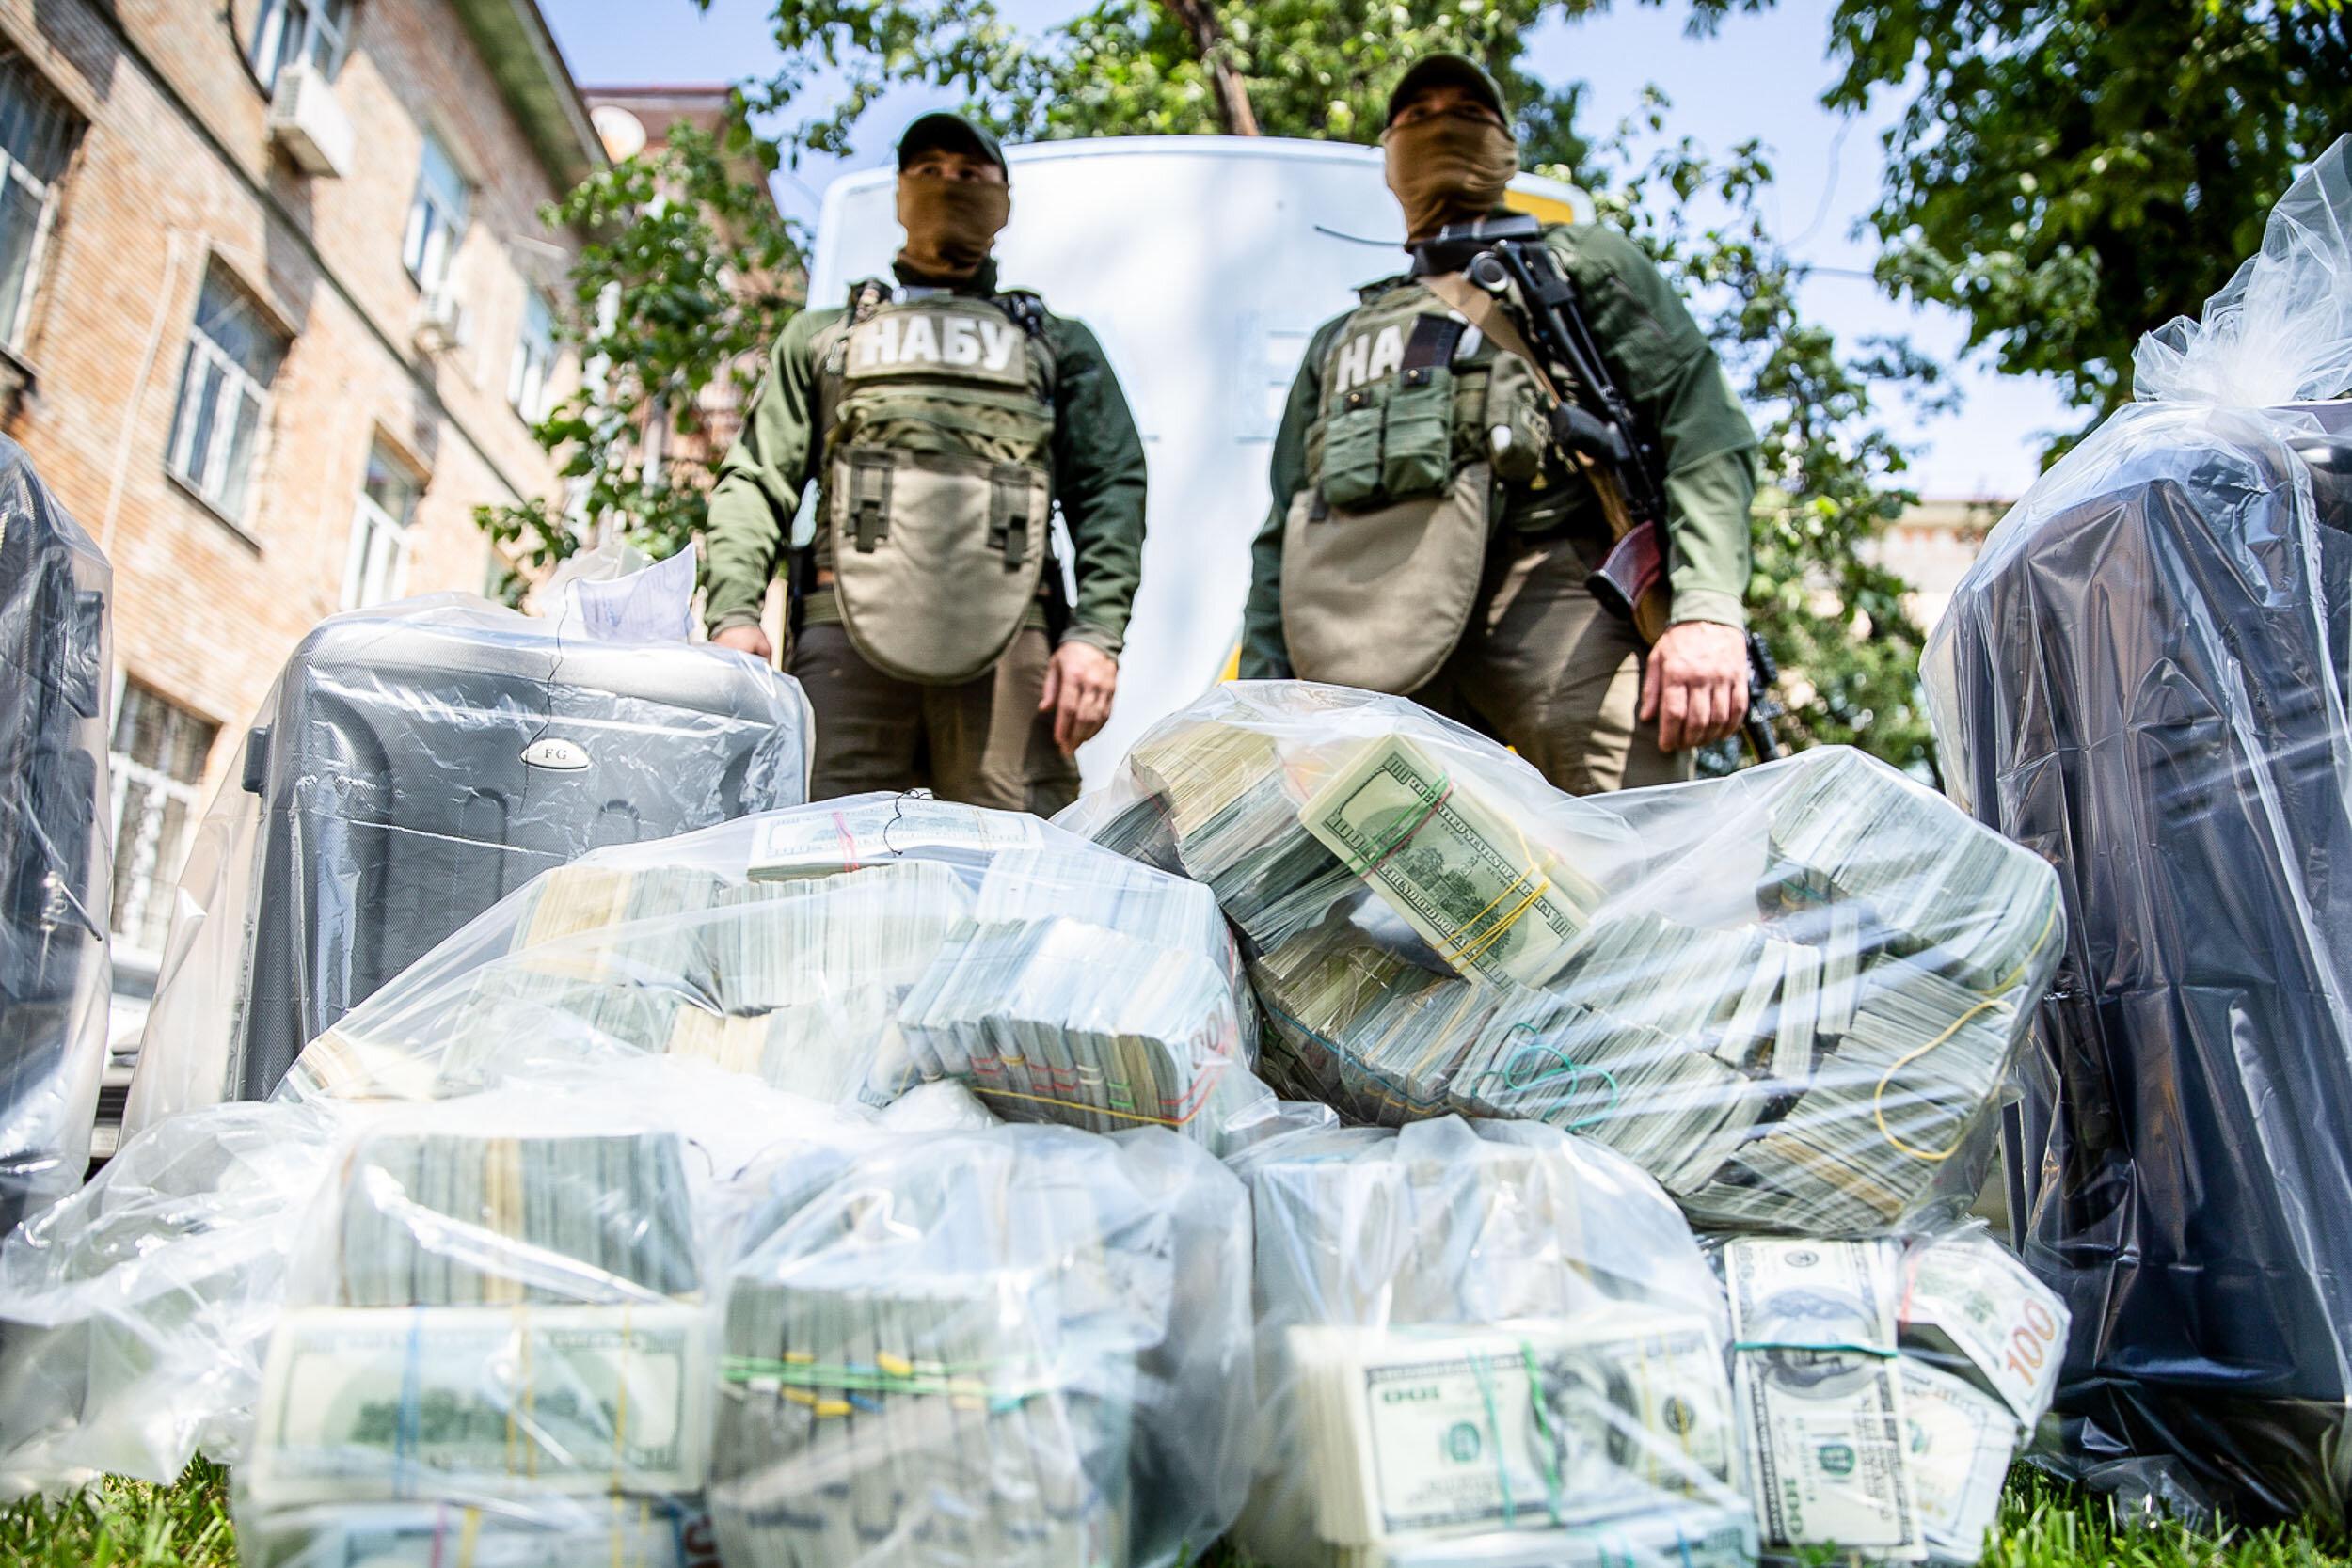 Ukraine shows modest progress in Corruption Perception Index ...